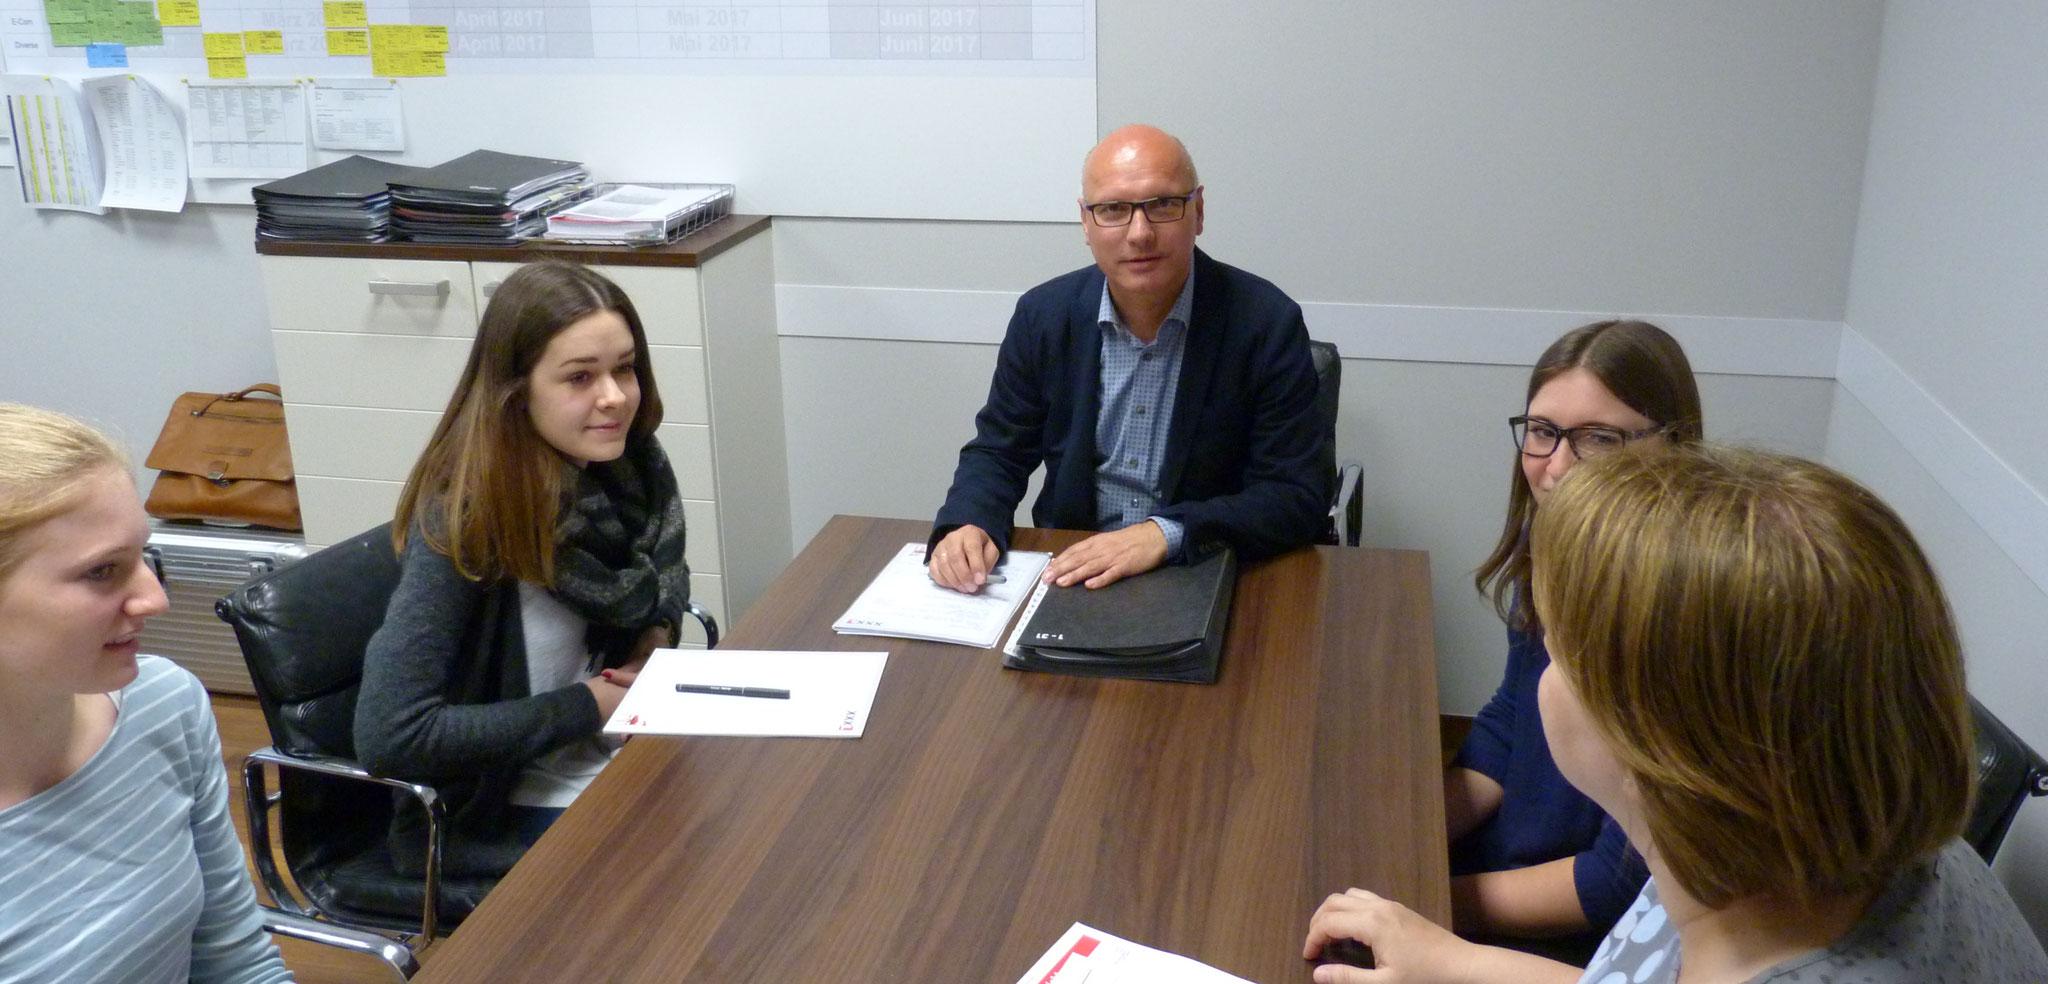 Joachim Lörzer mit seinem Team beim täglichen Abstimmungsgespräch.